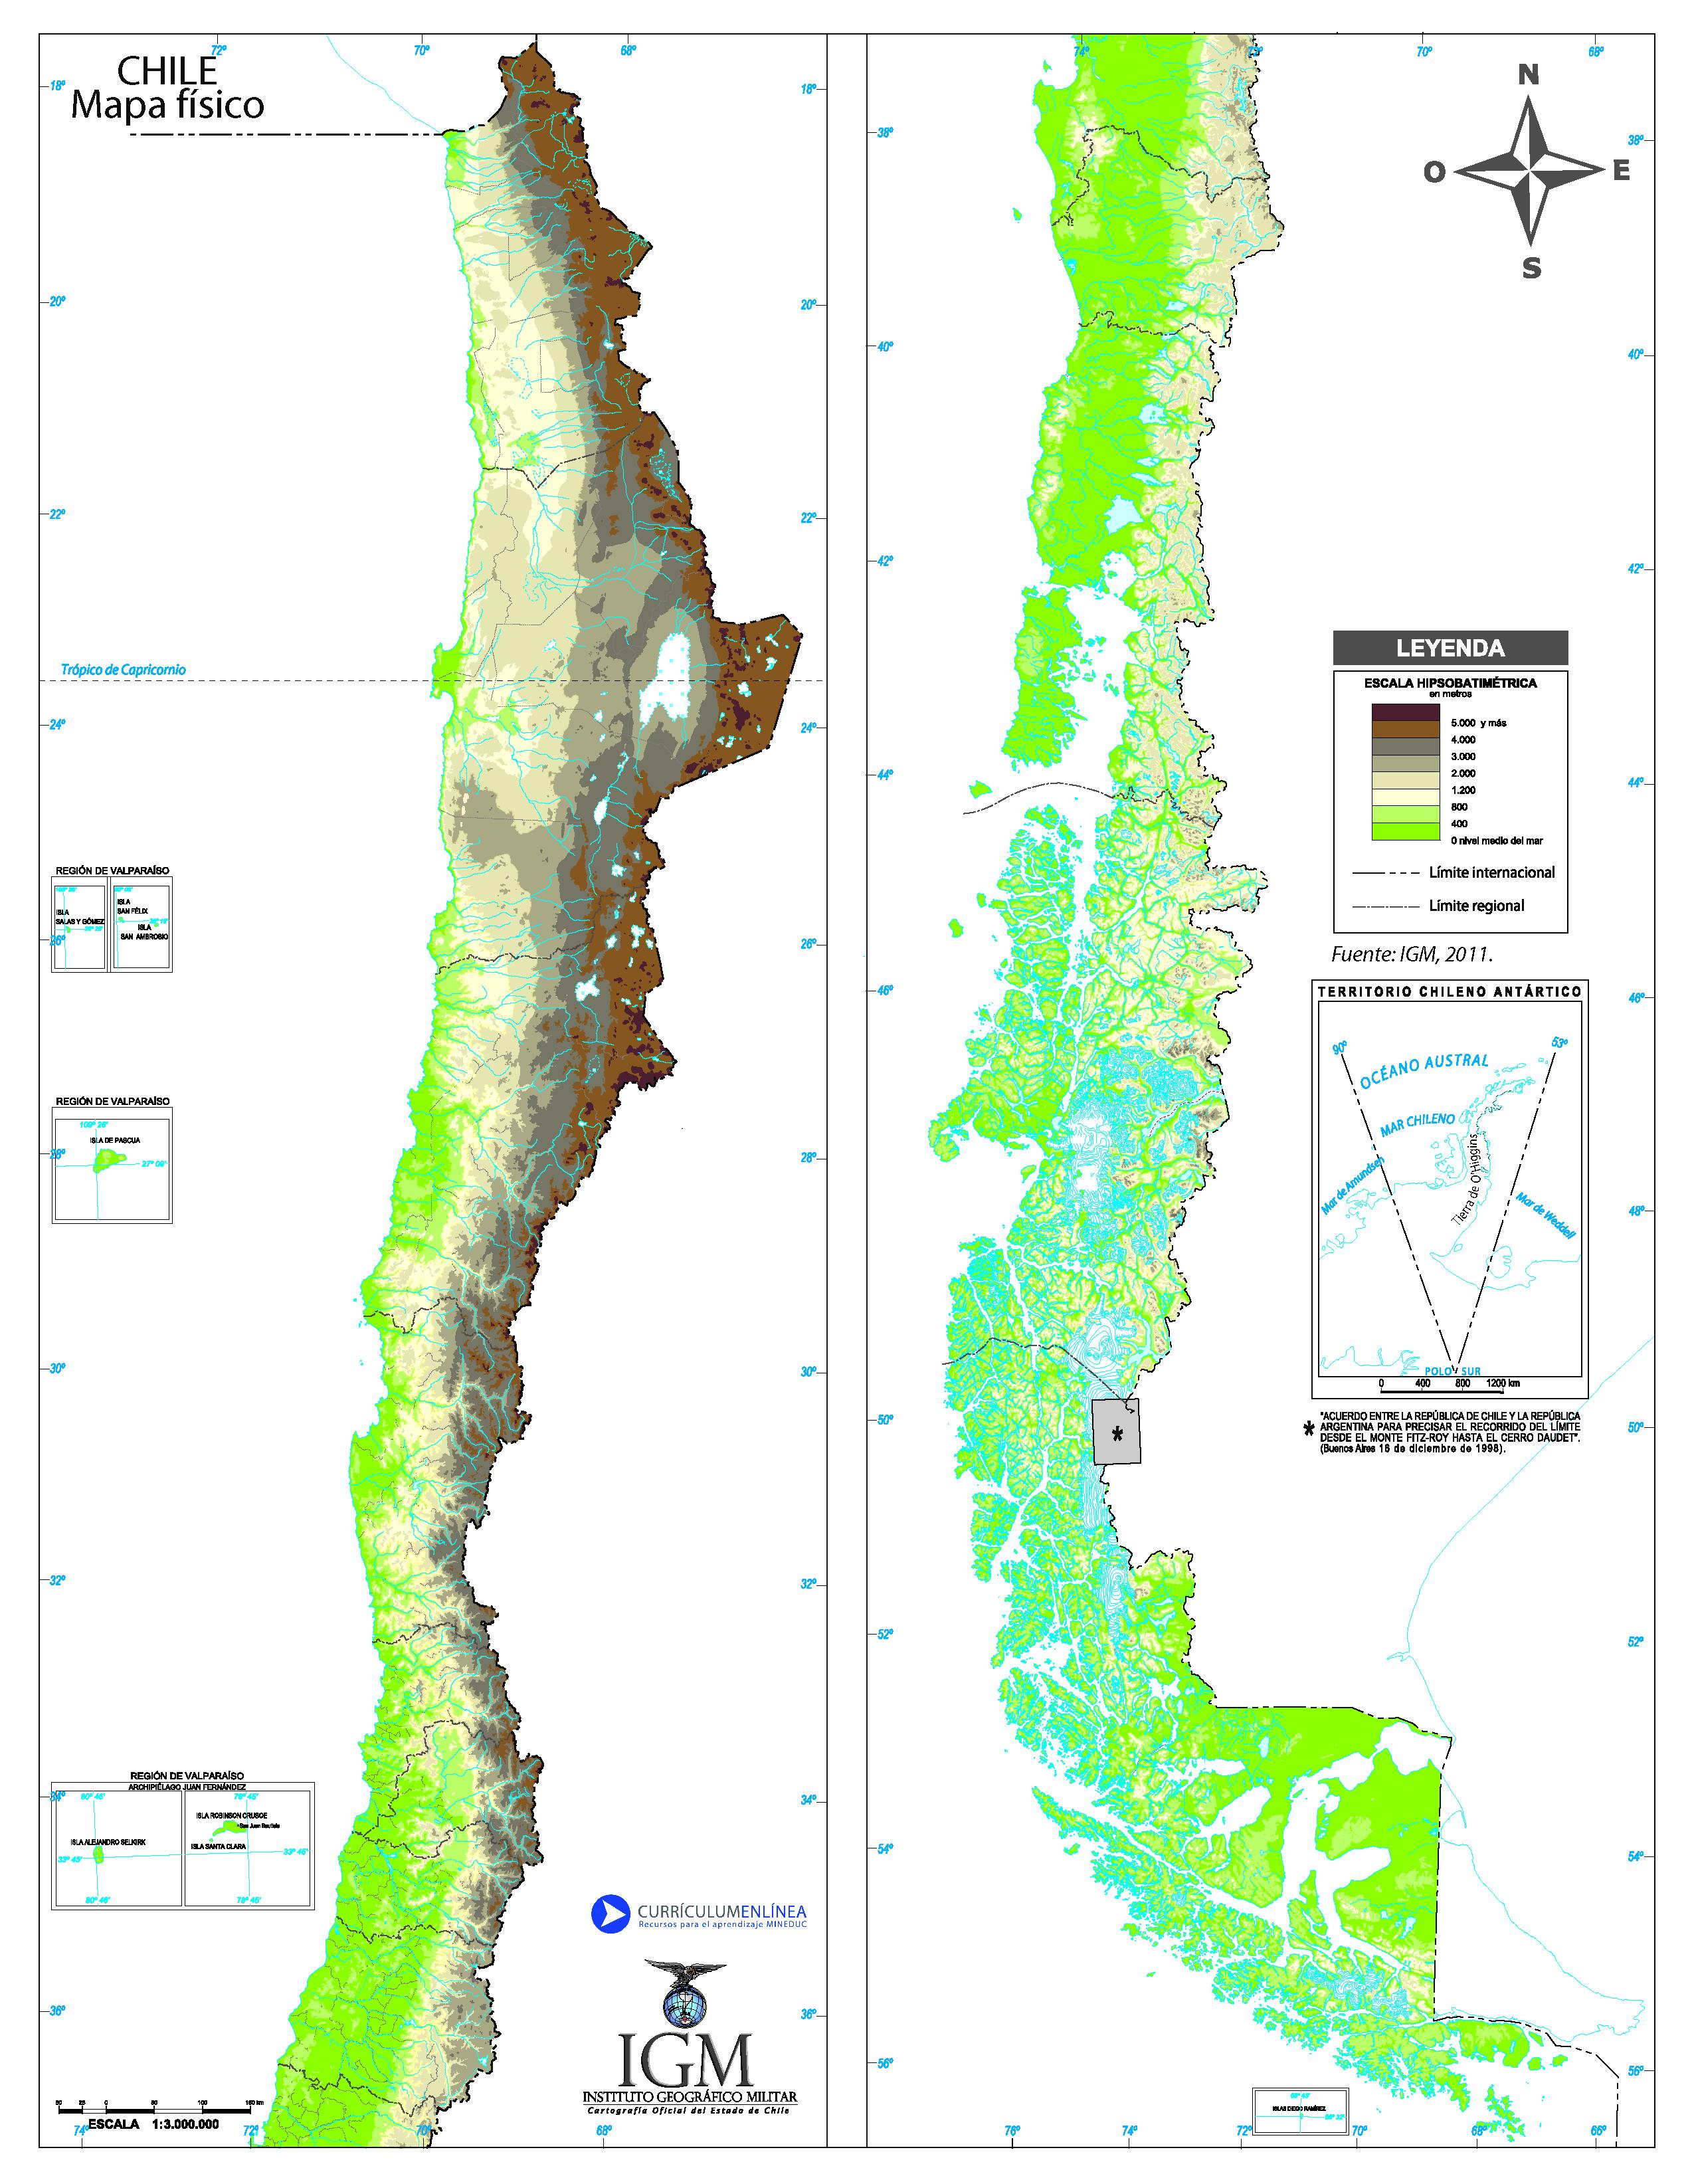 Mapa de chile mapa fsico geogrfico poltico turstico y mapa fisico de chile sciox Choice Image